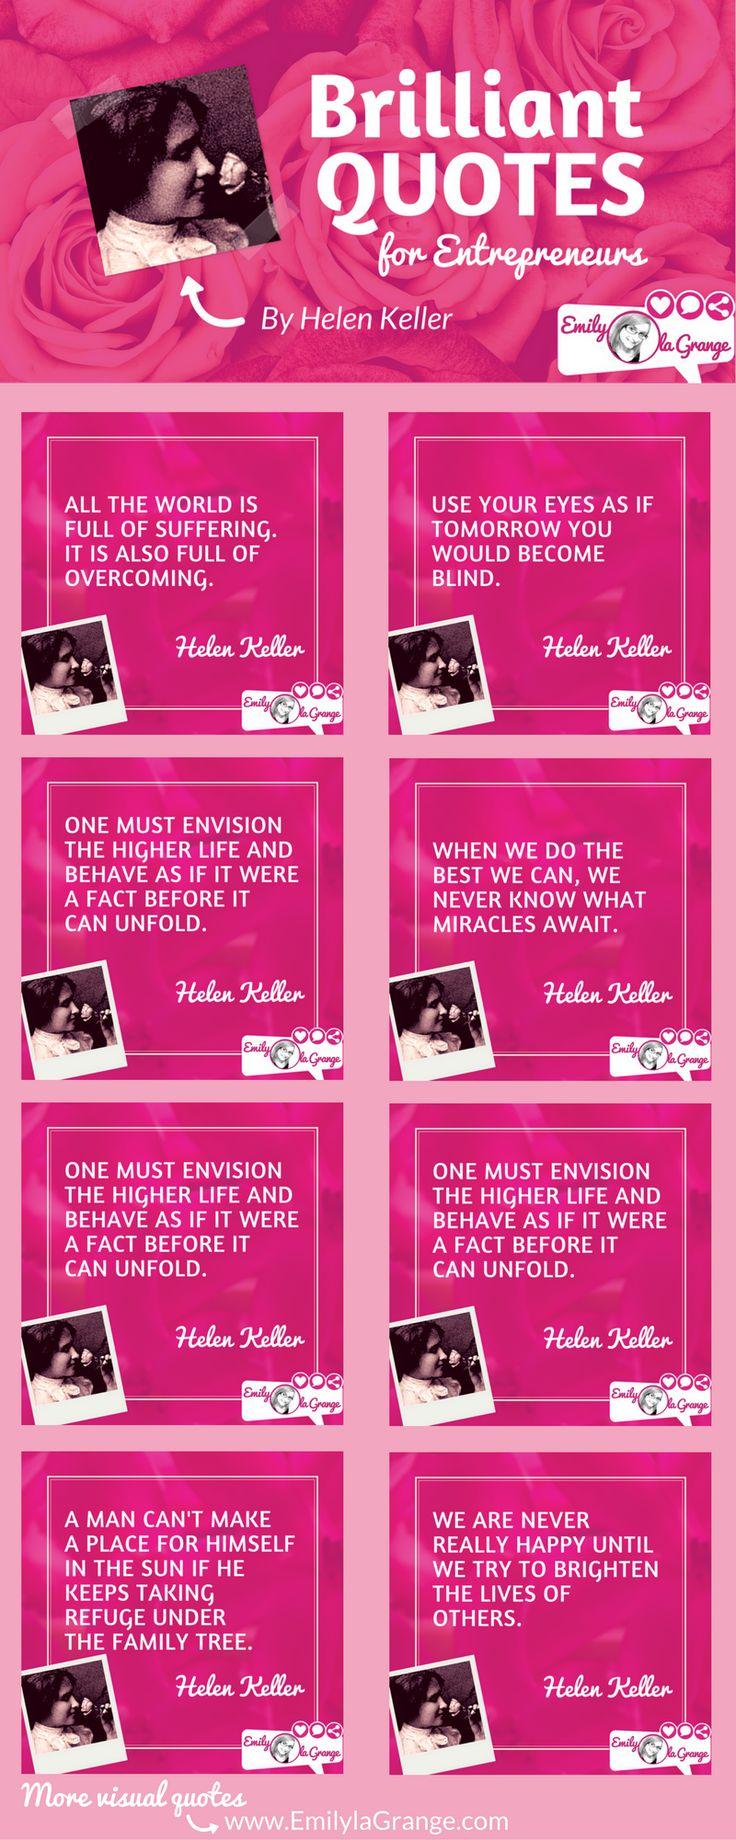 Brilliant Quotes for Entrepreneurs by Helen Keller